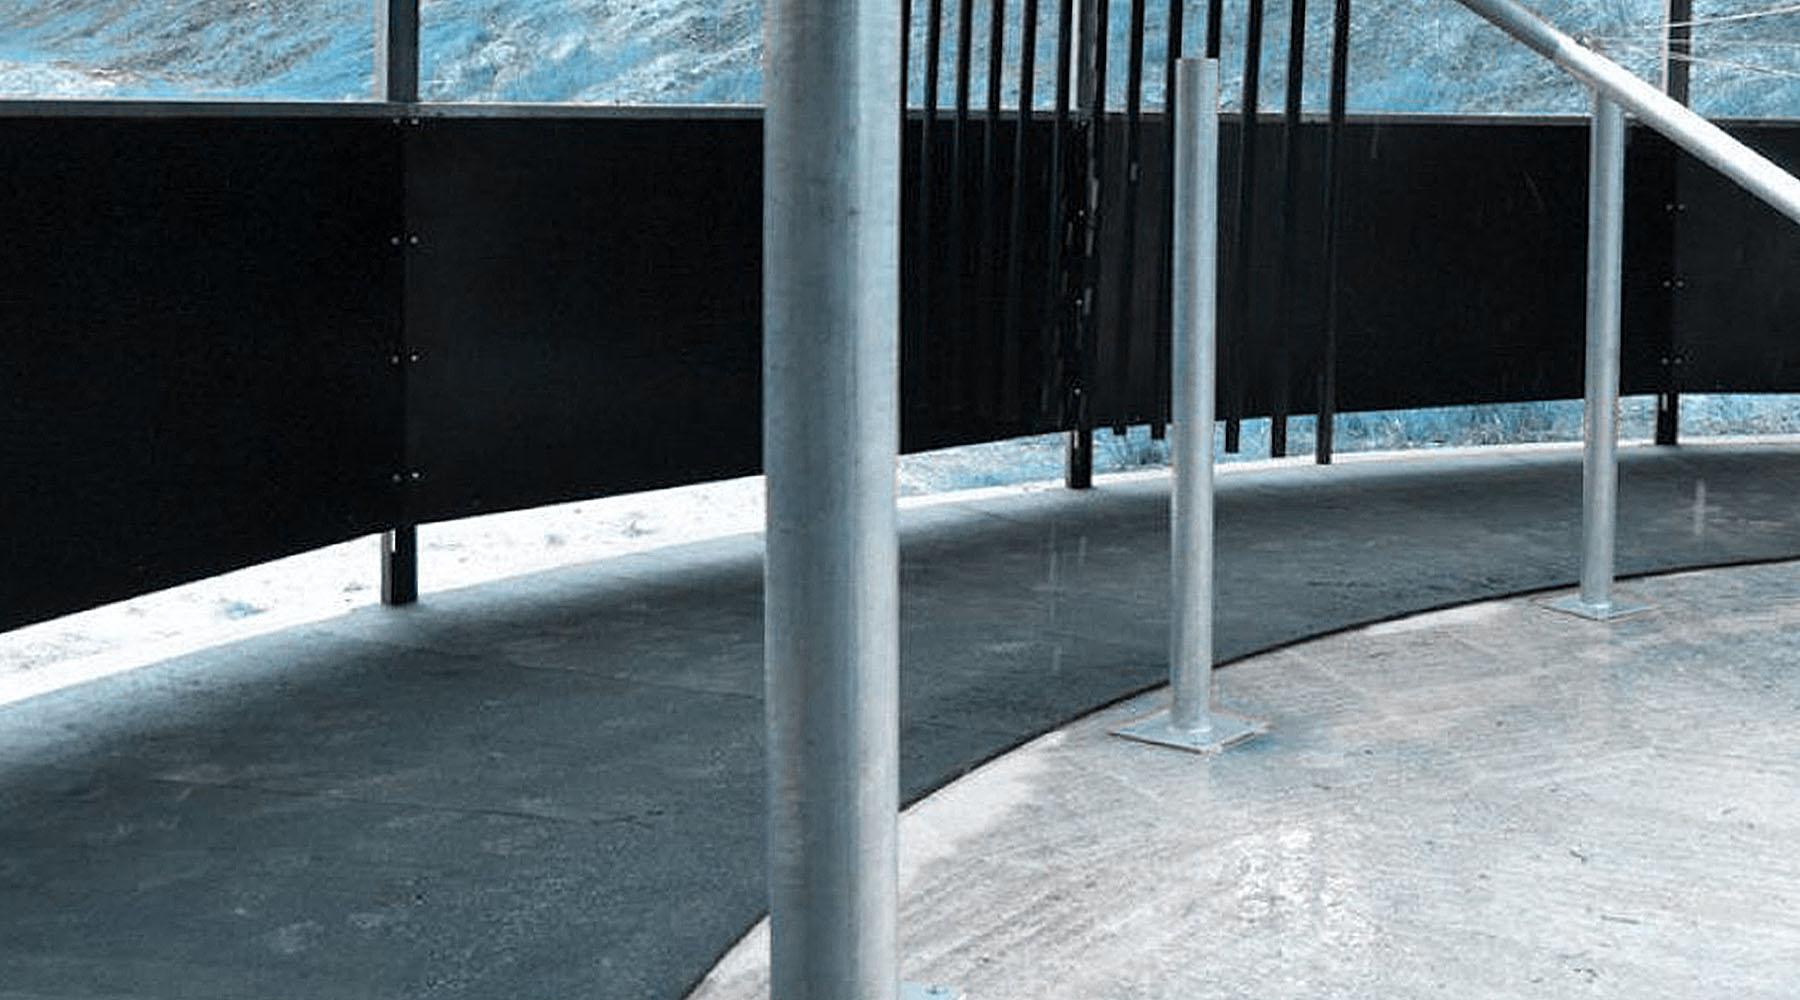 Pavimento In Gomma Per Box Cani : Pavimento scuderie in equigomma per la sicurezza dei cavalli